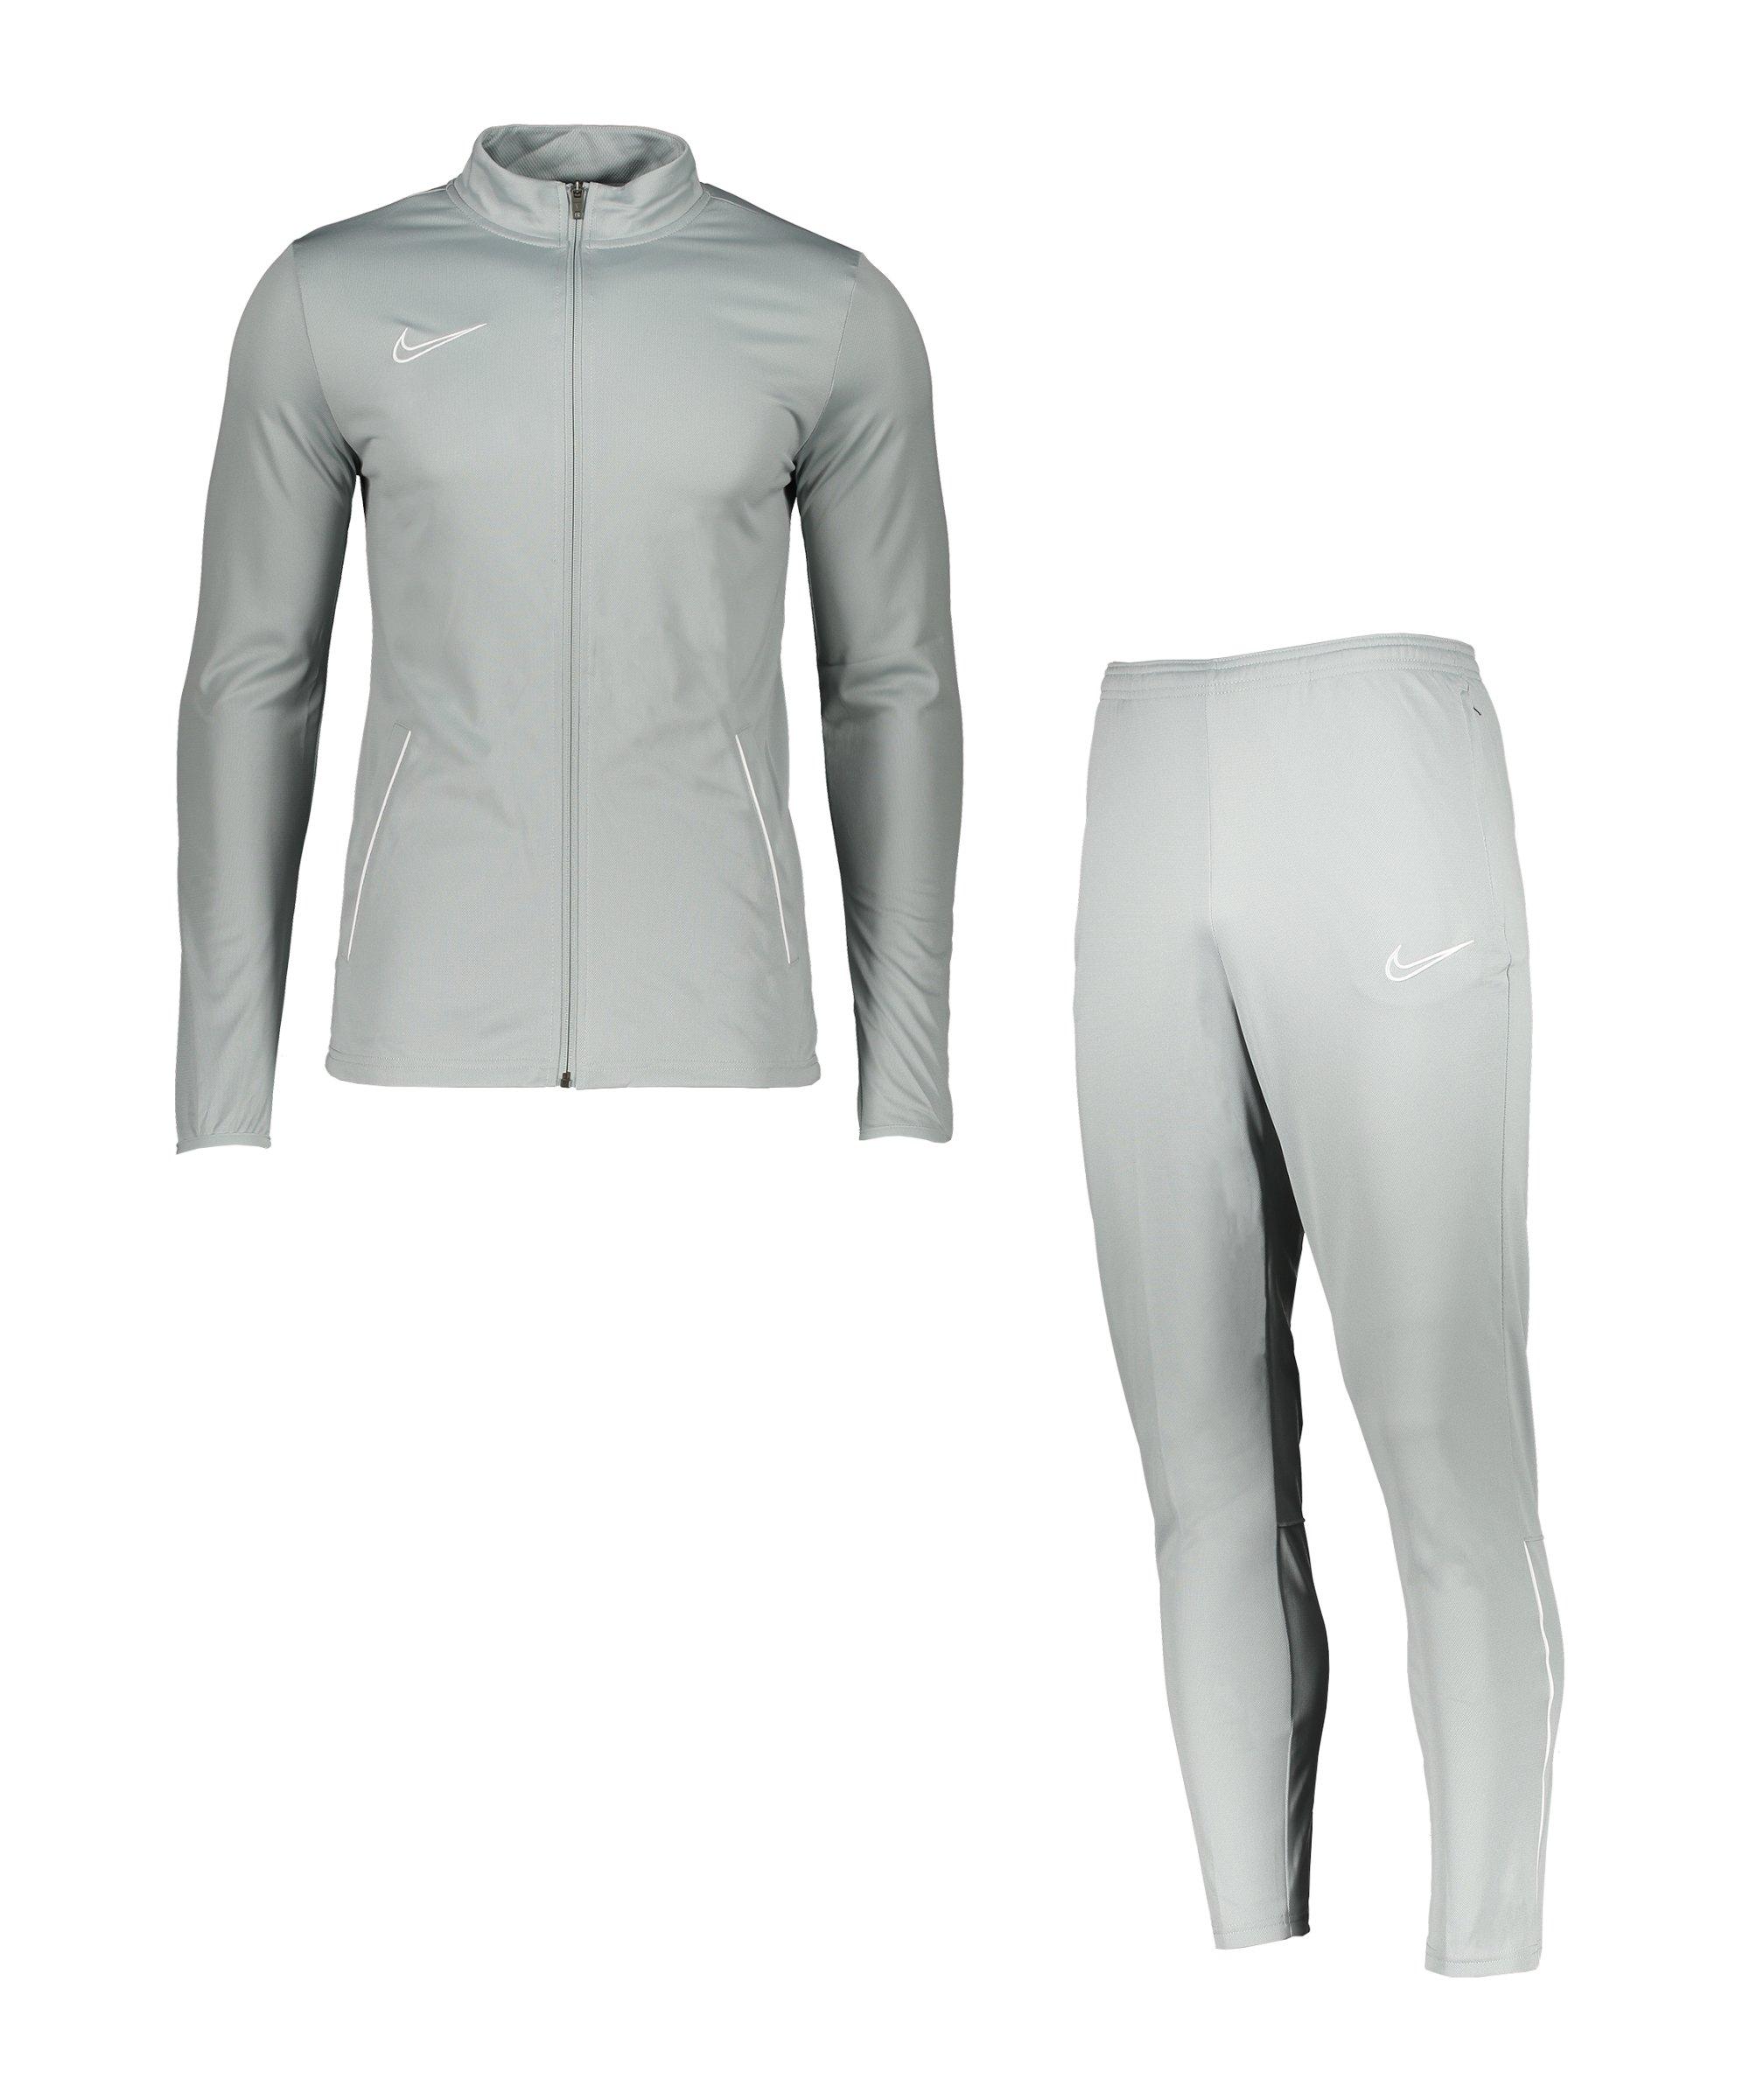 Nike Academy 21 Trainingsanzug Grau Weiss F019 - grau